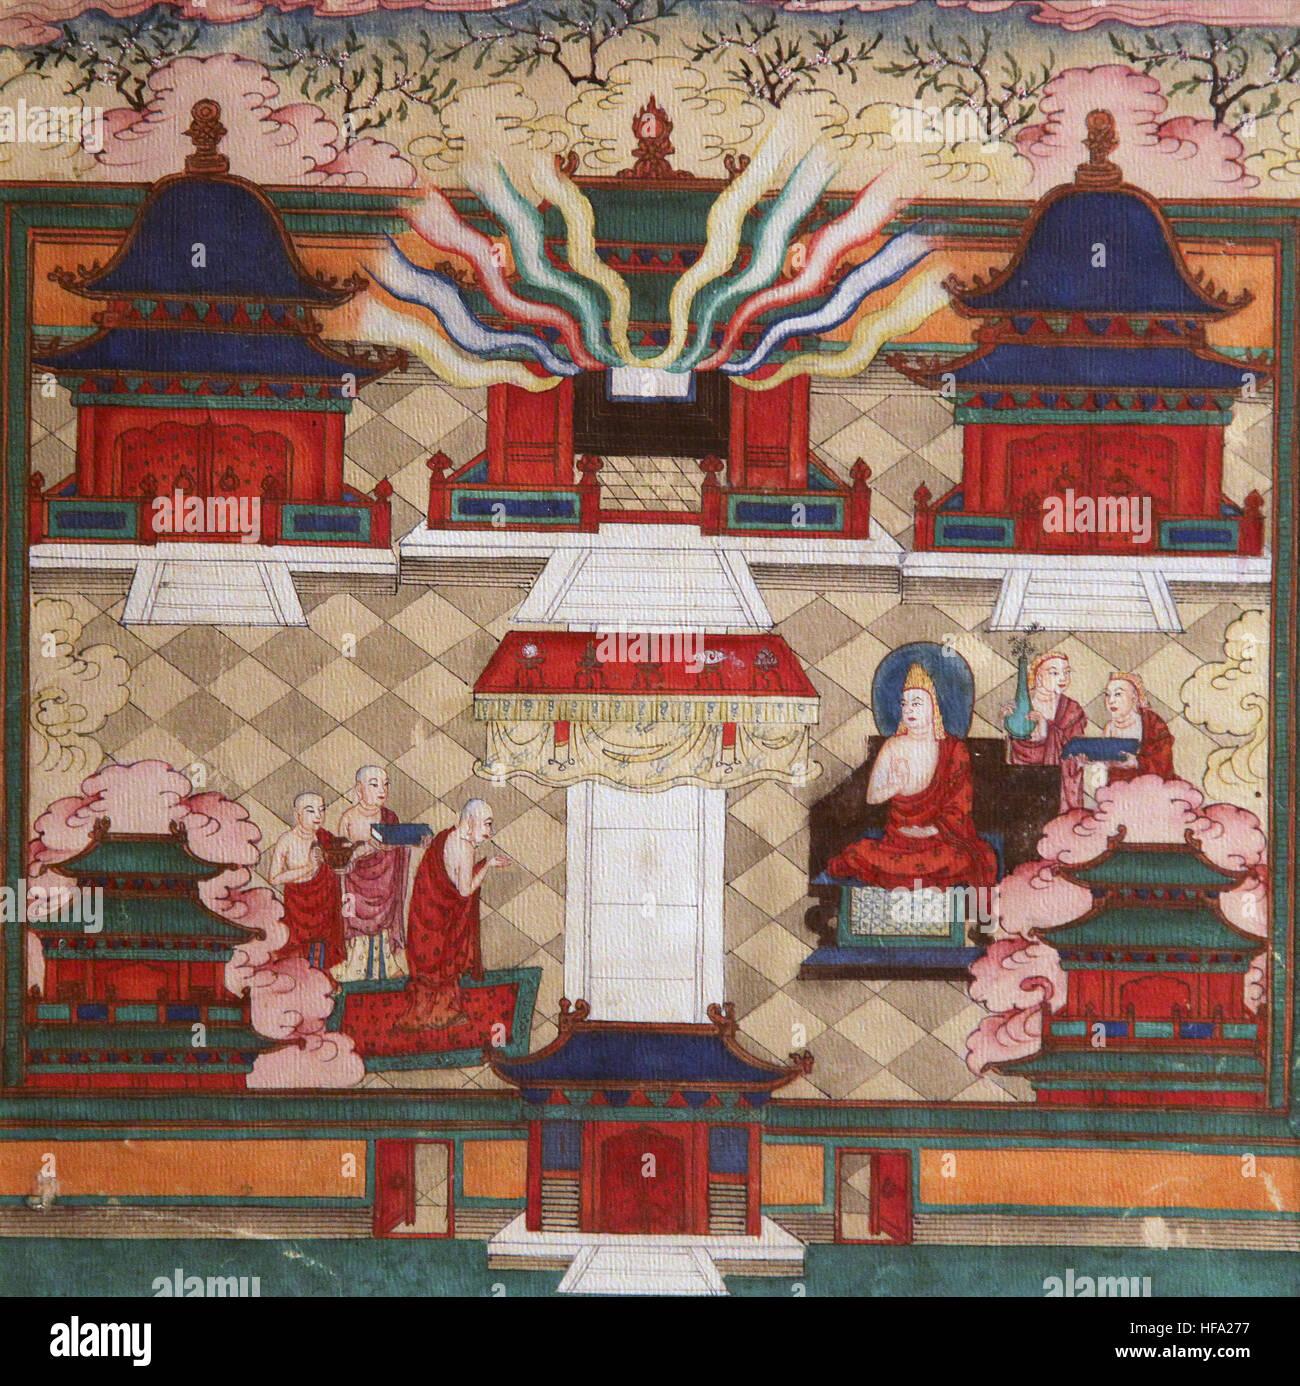 Buddista vajrayana Tibetano Meditazione dipinto del XVIII secolo il Buddha e la mente lo yoga mindfulness richiesta Immagini Stock